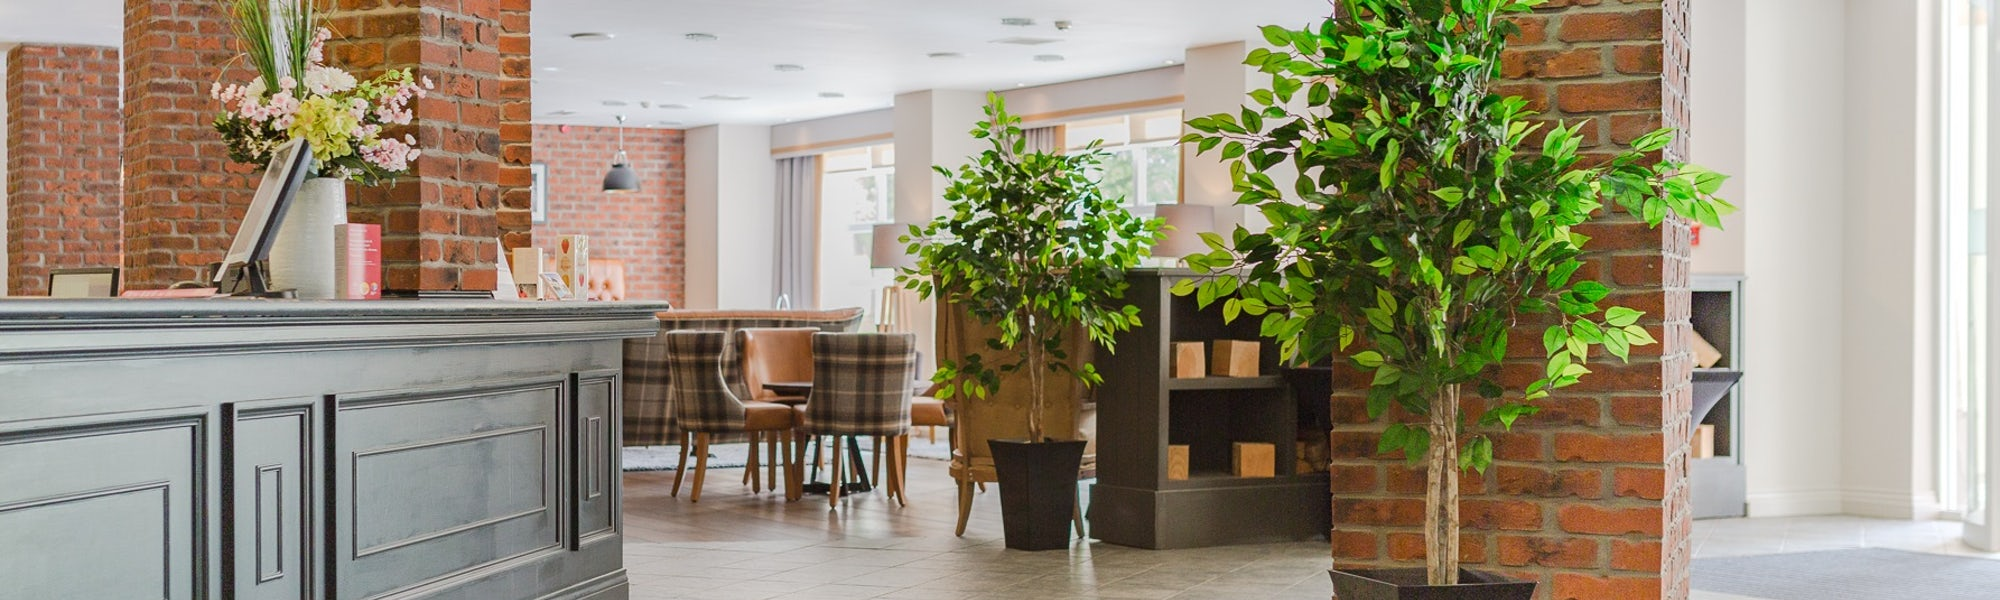 Morlich Reception Area